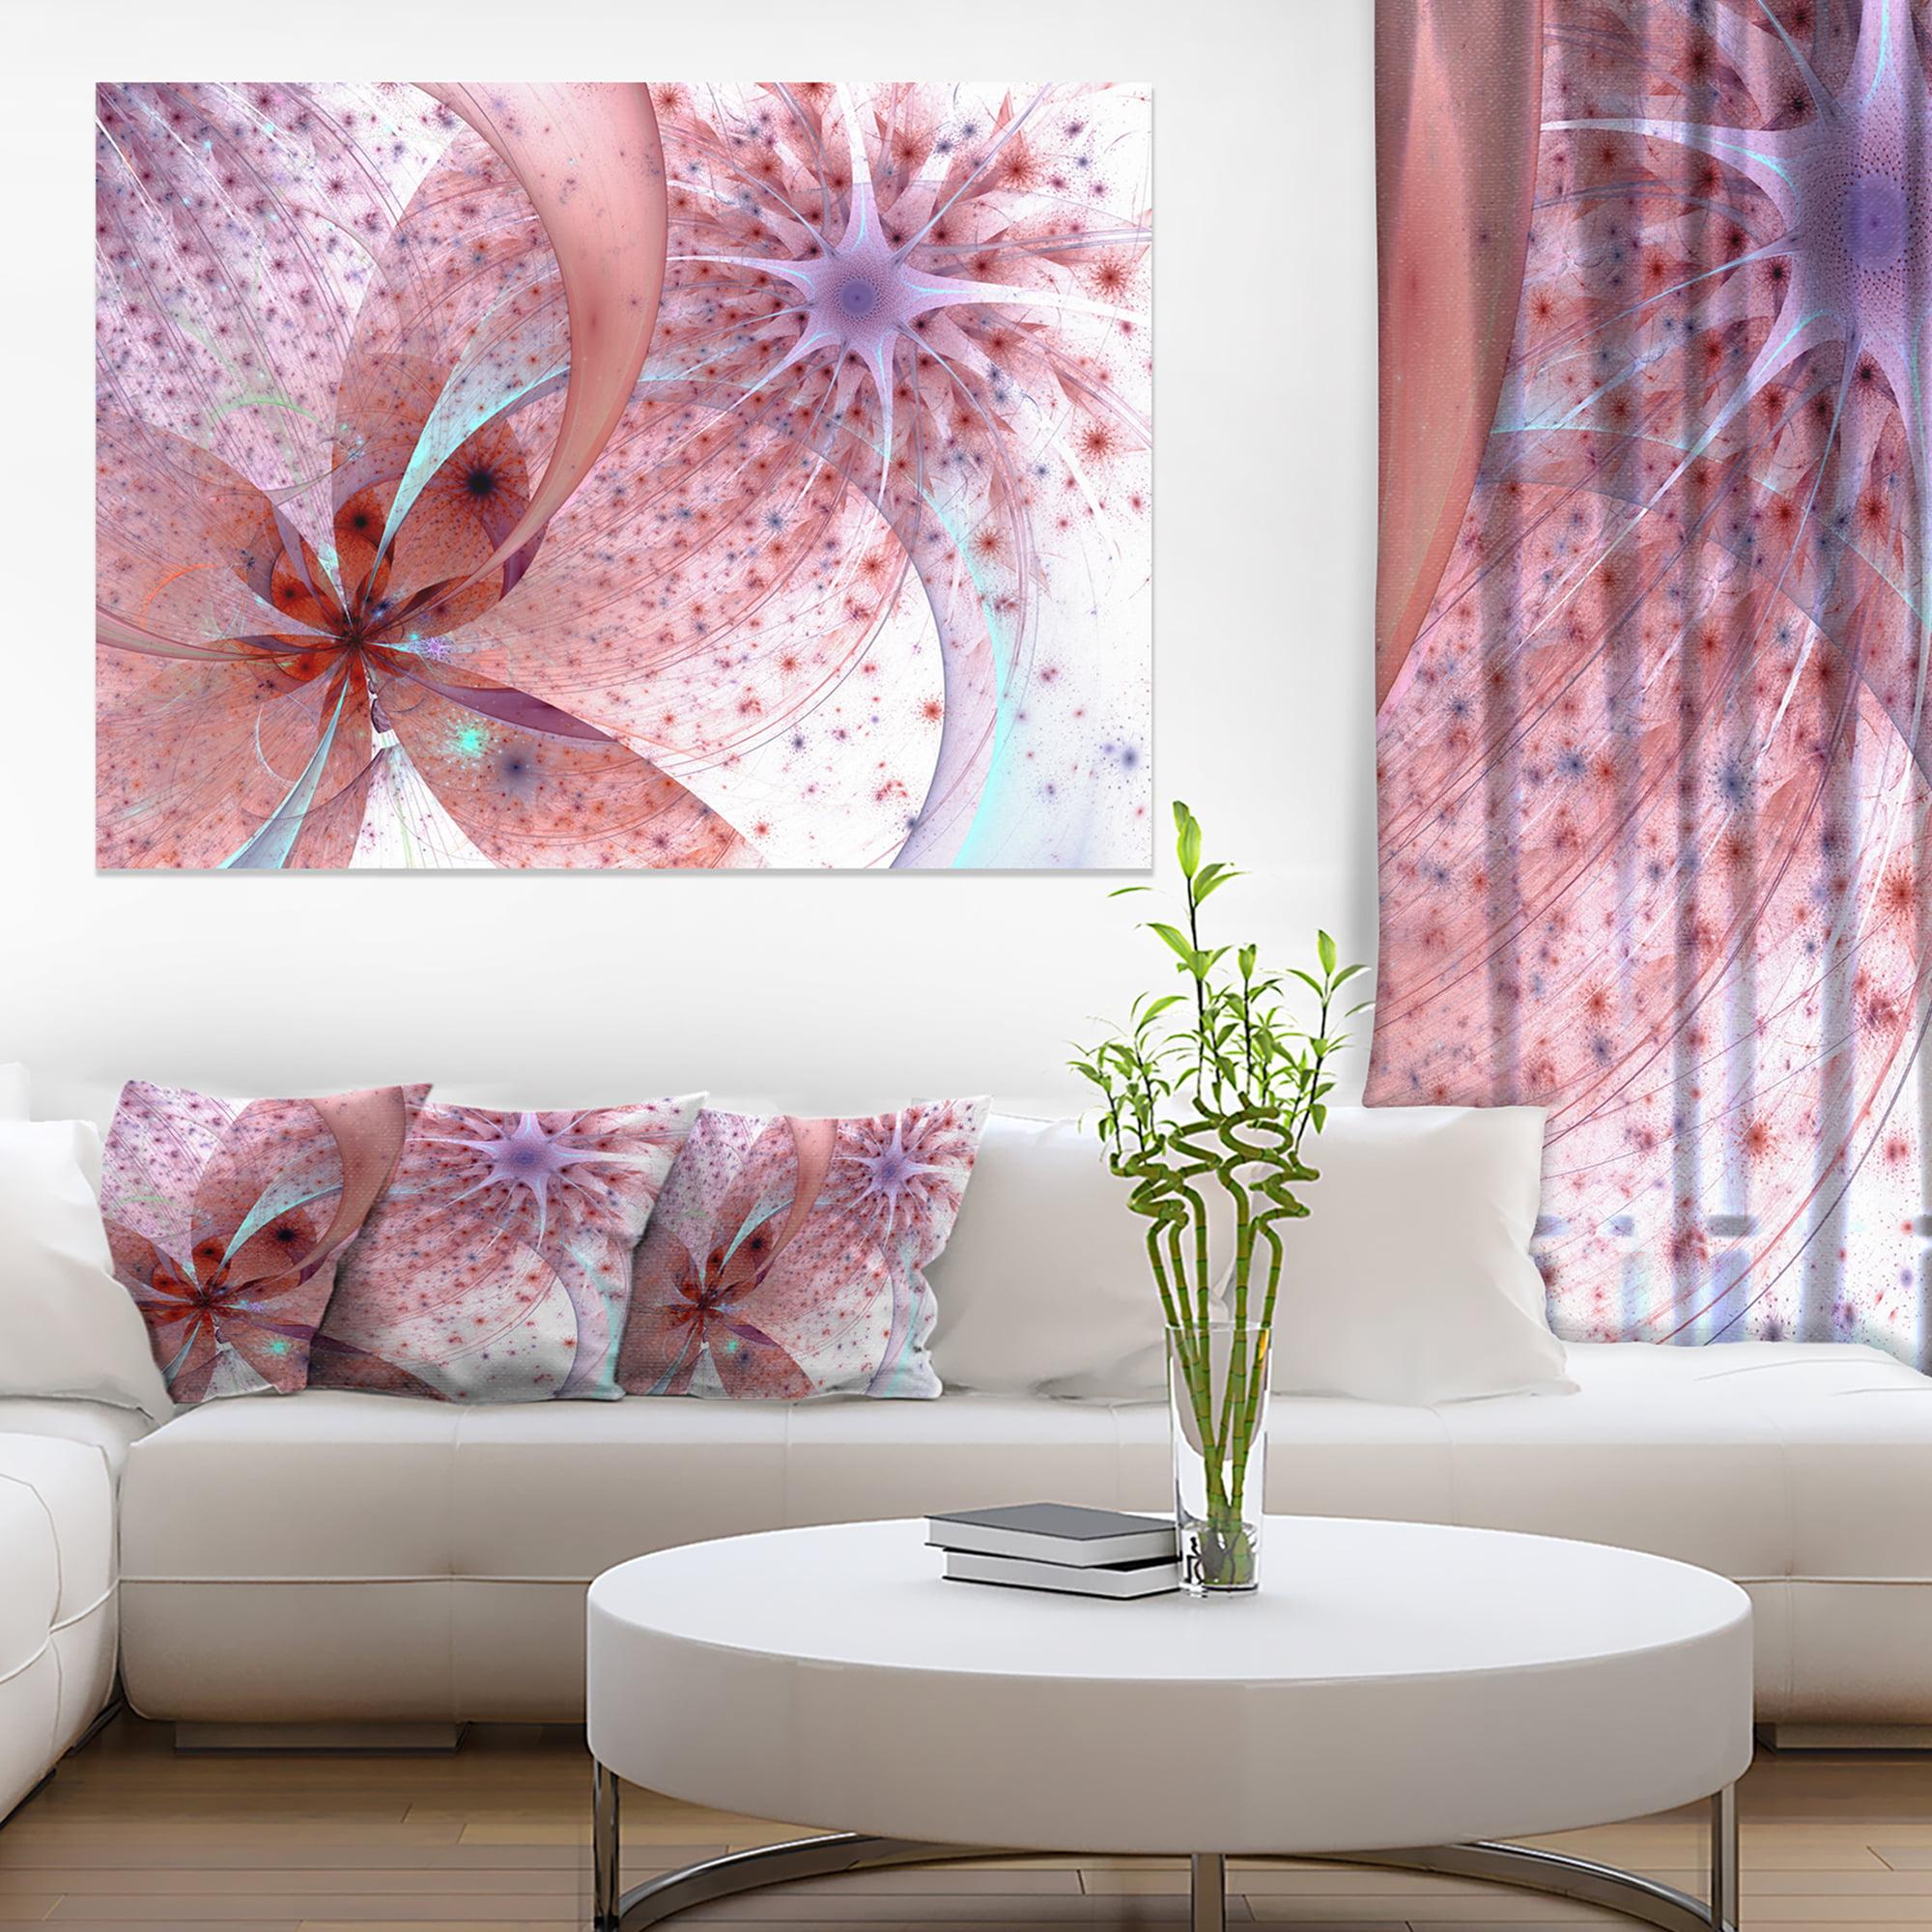 Red and Blue Symmetrical Fractal Flower - Floral Canvas Art Print - image 3 de 3